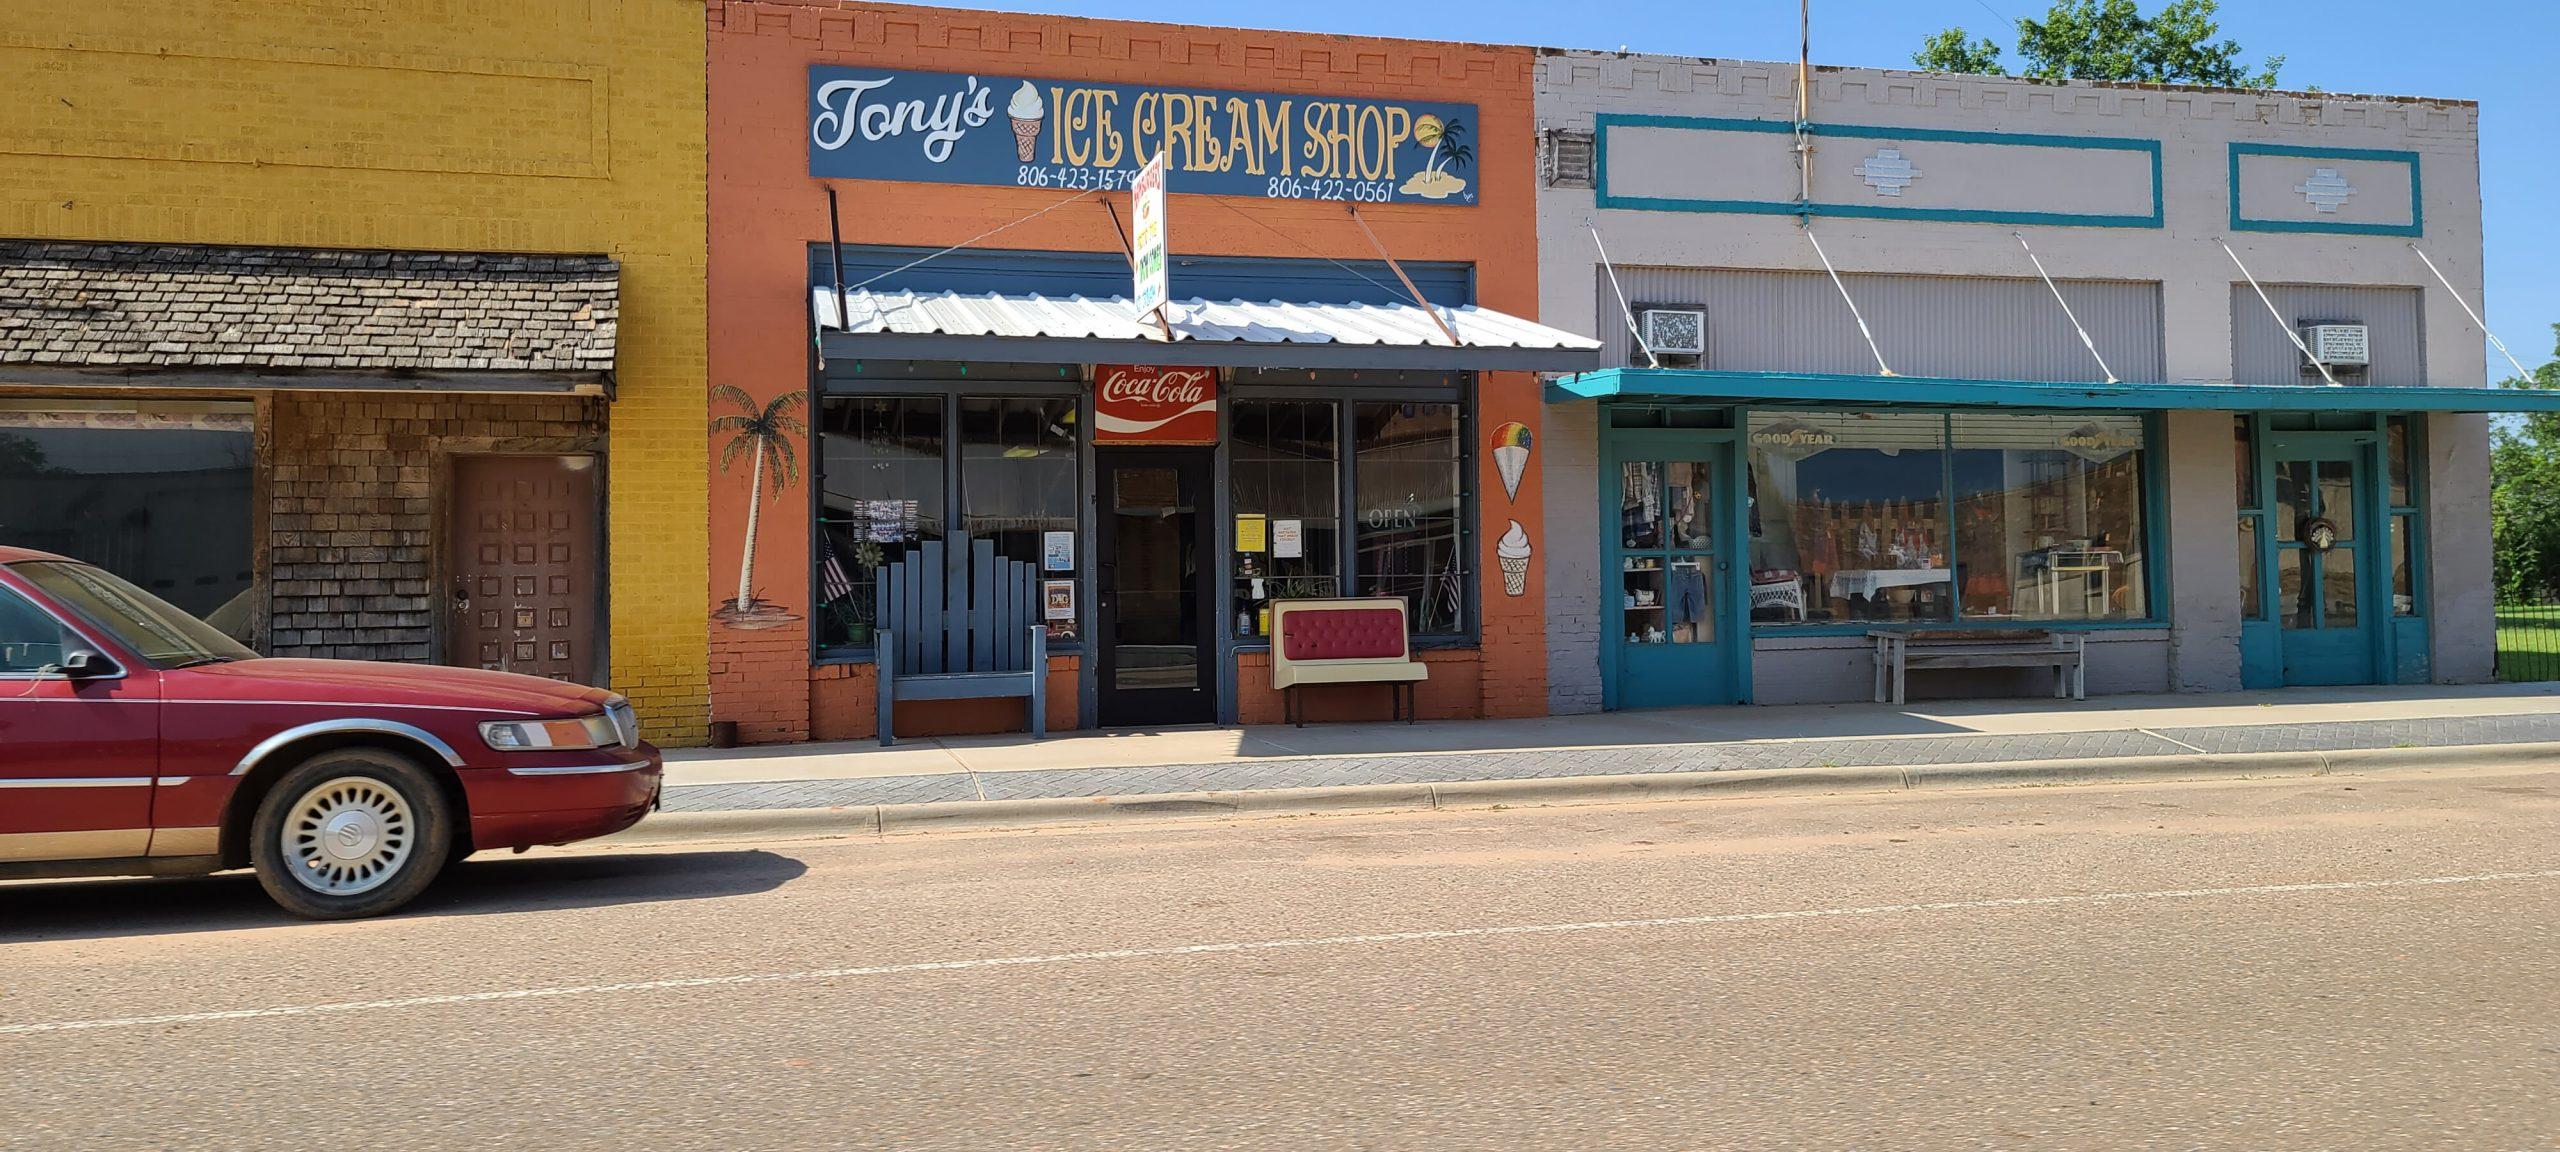 Tony's Ice Cream Shoppe